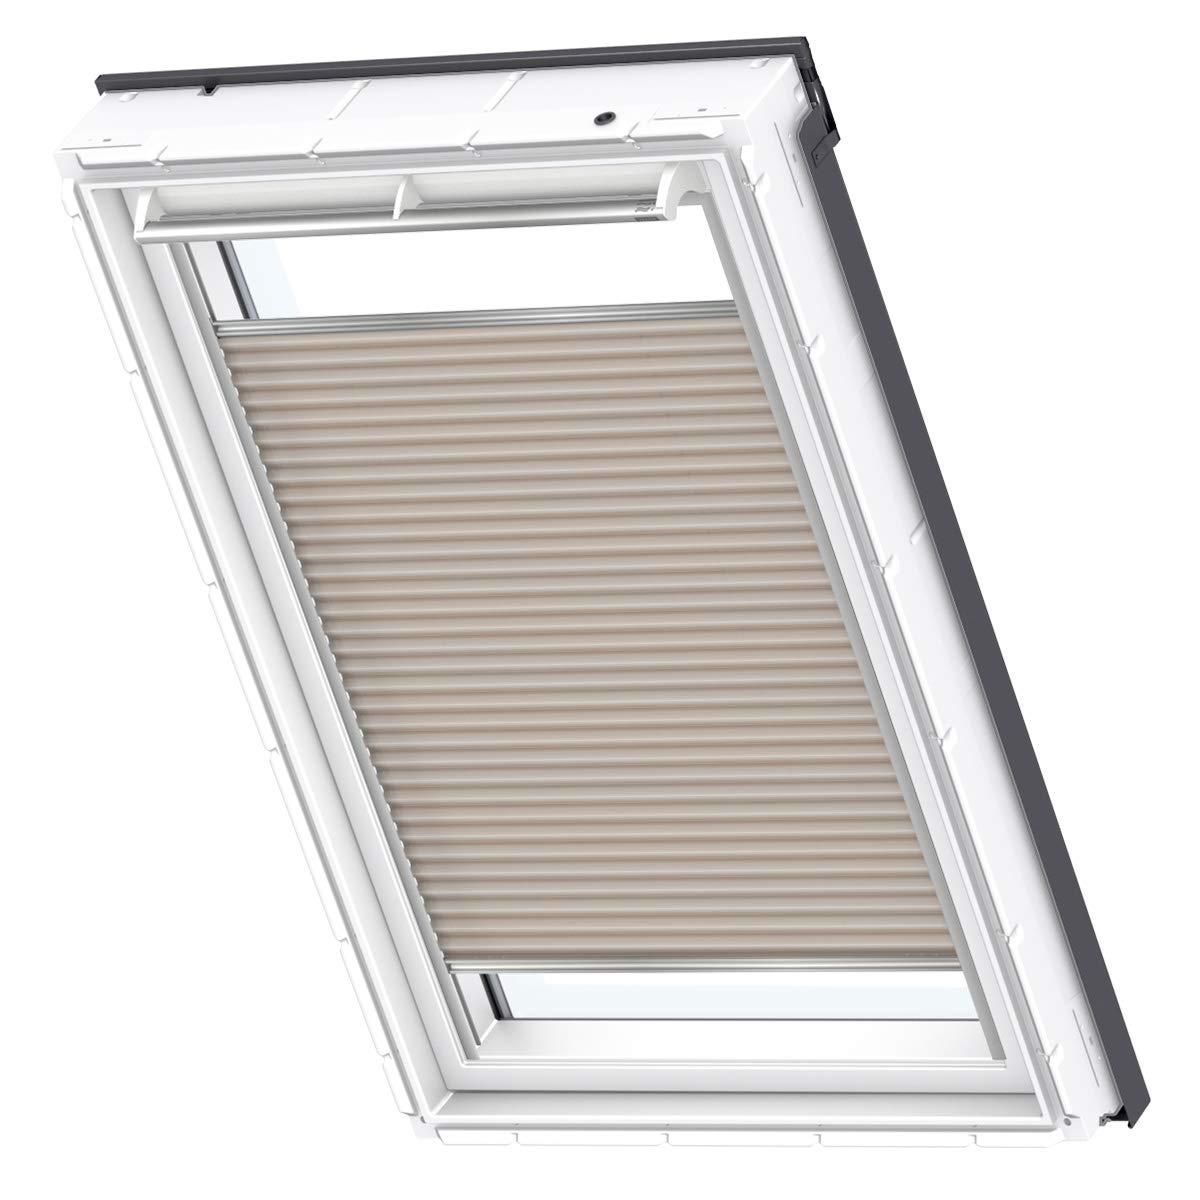 Full Size of Velux Ersatzteile Schnurhalter Jalousie Rollo Schnurhalter Typ Ves Rollo Dachfenster Unten Mit Konsolen Fenster Einbauen Preise Kaufen Wohnzimmer Velux Schnurhalter